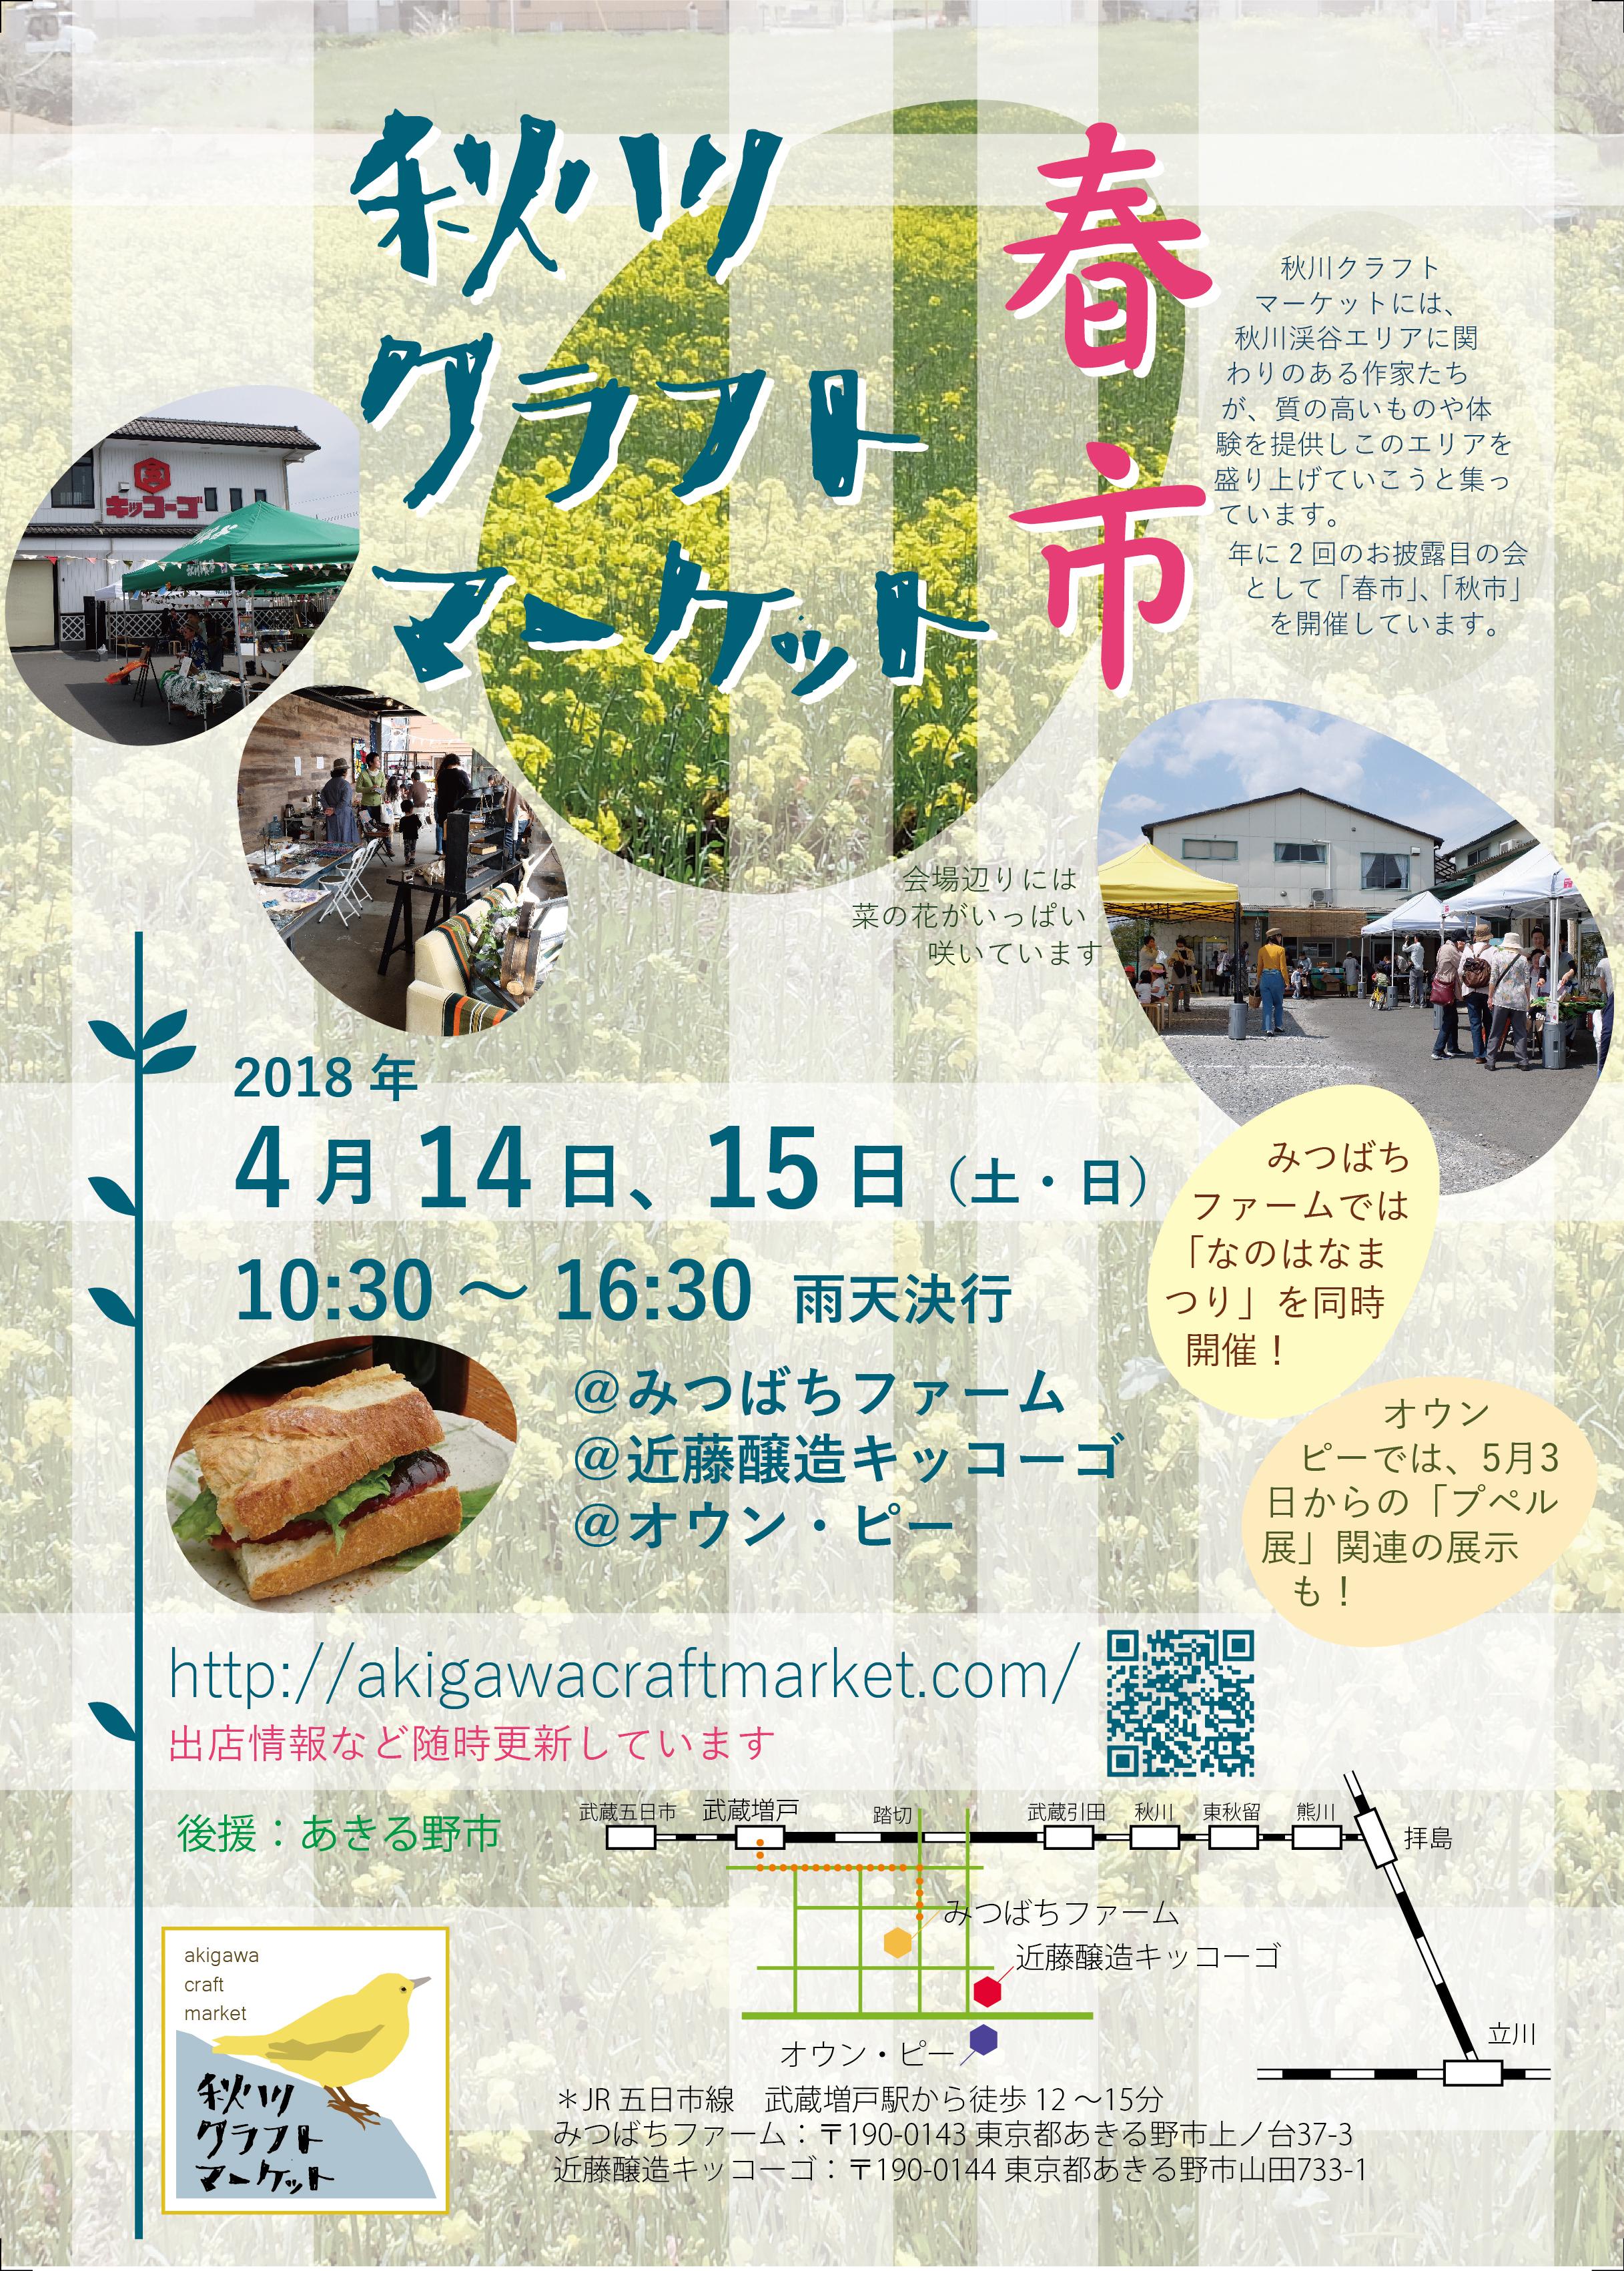 秋川クラフトマーケット 春市2018 チラシ表